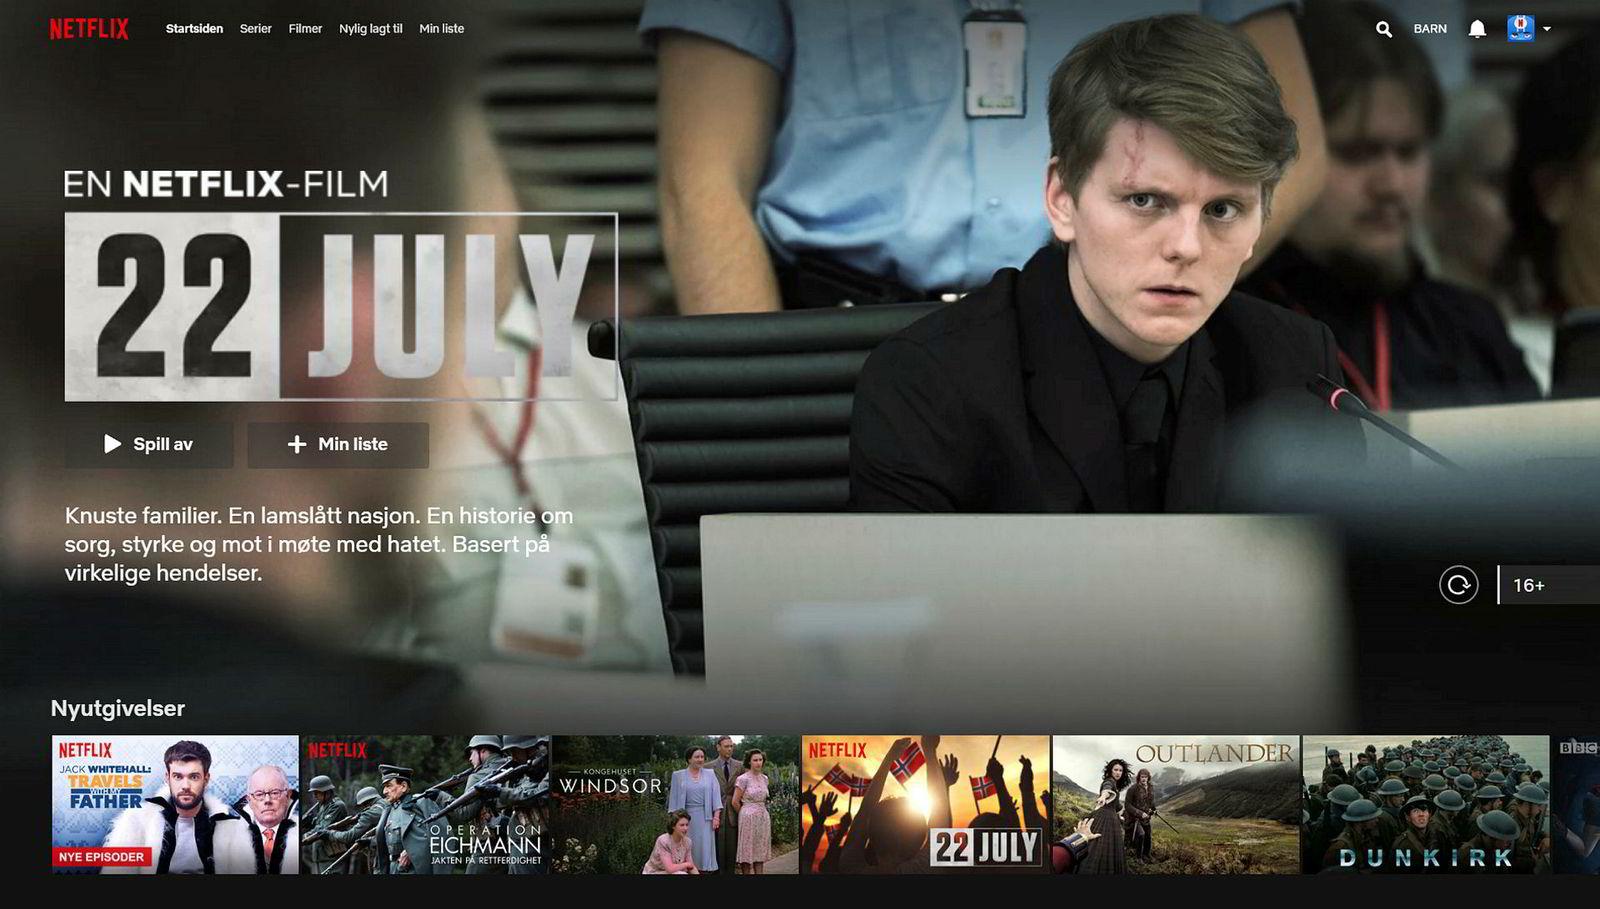 «22 July» på Netflix via norsk nettleser ble frontet slik onsdag og torsdag etter lanseringen.